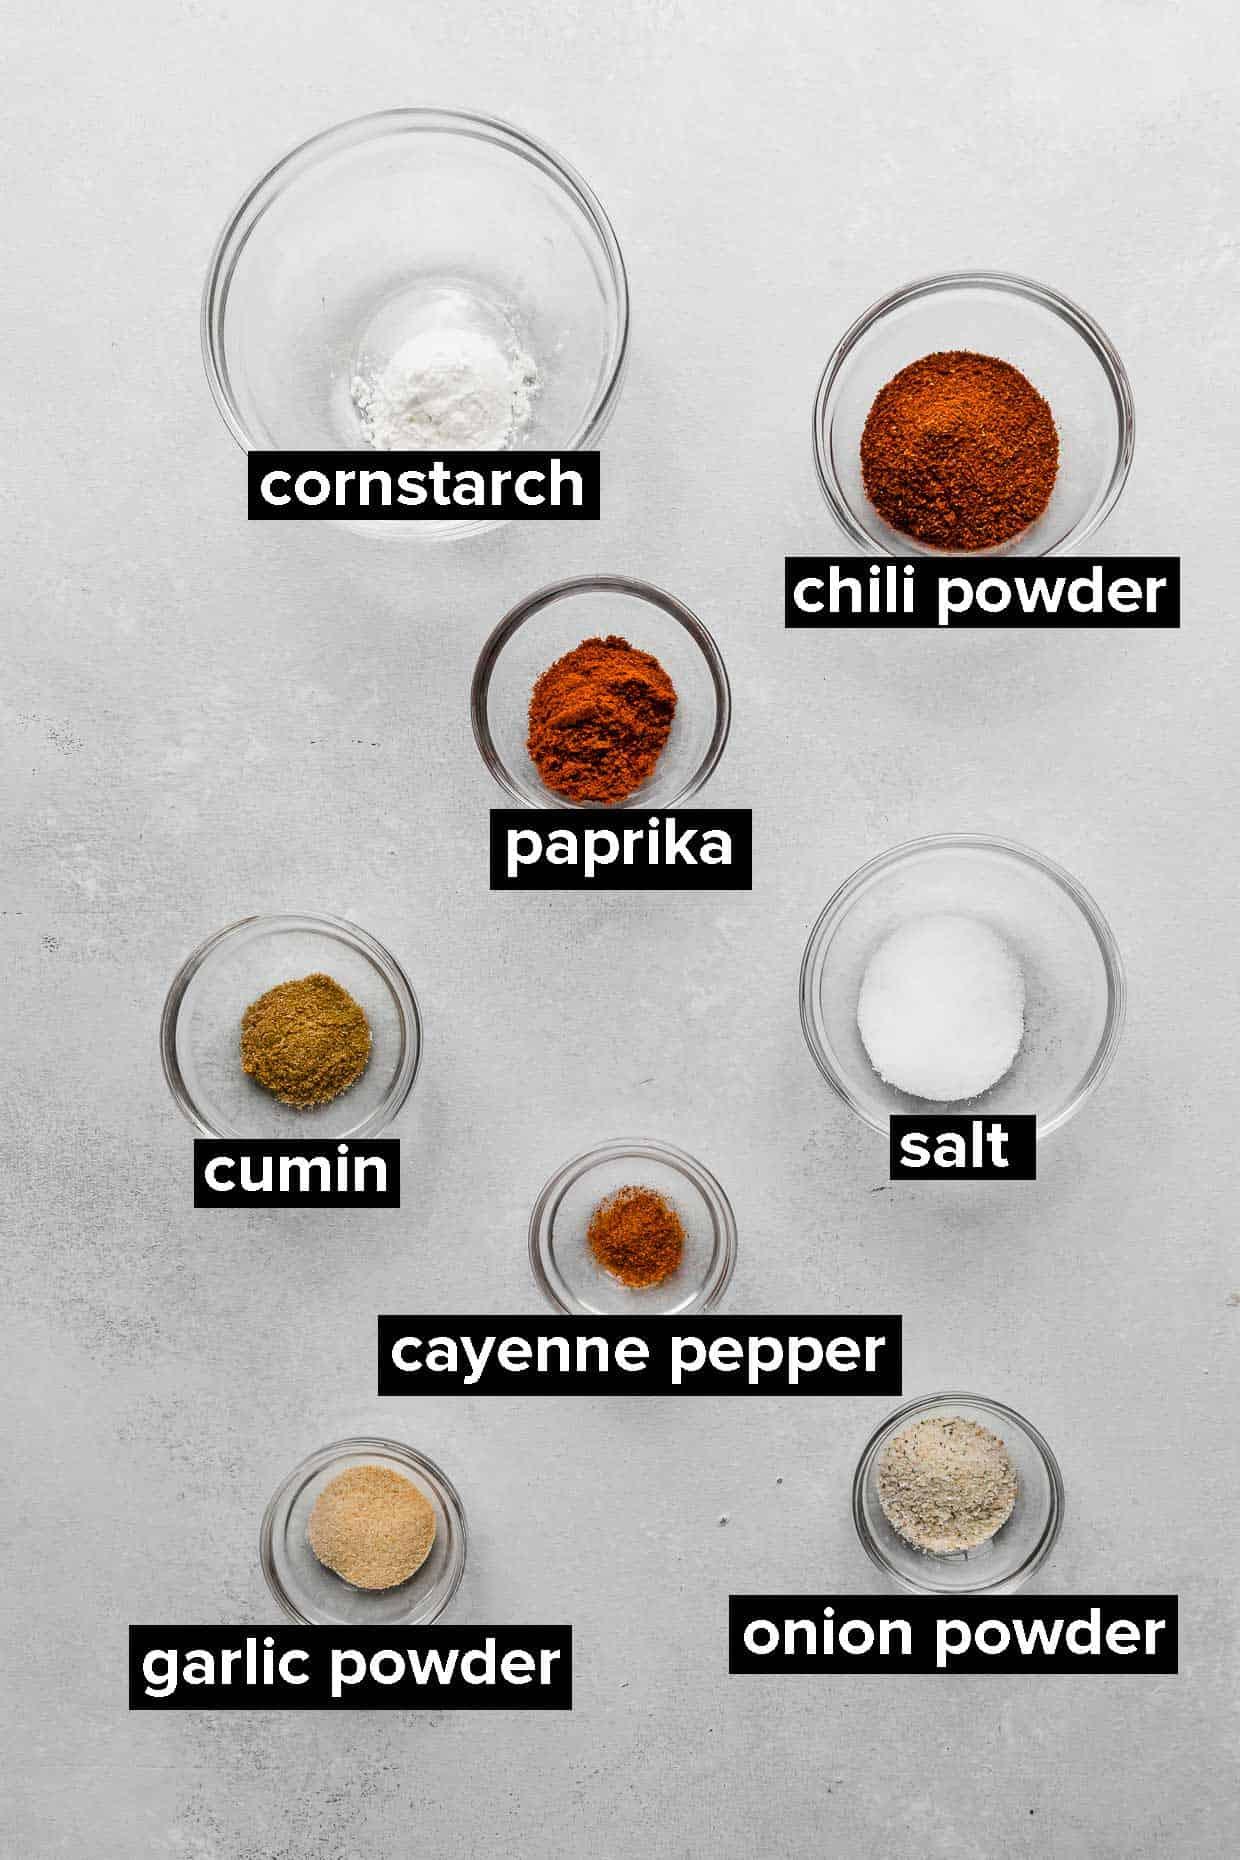 Ingredients used to make homemade fajita seasoning.